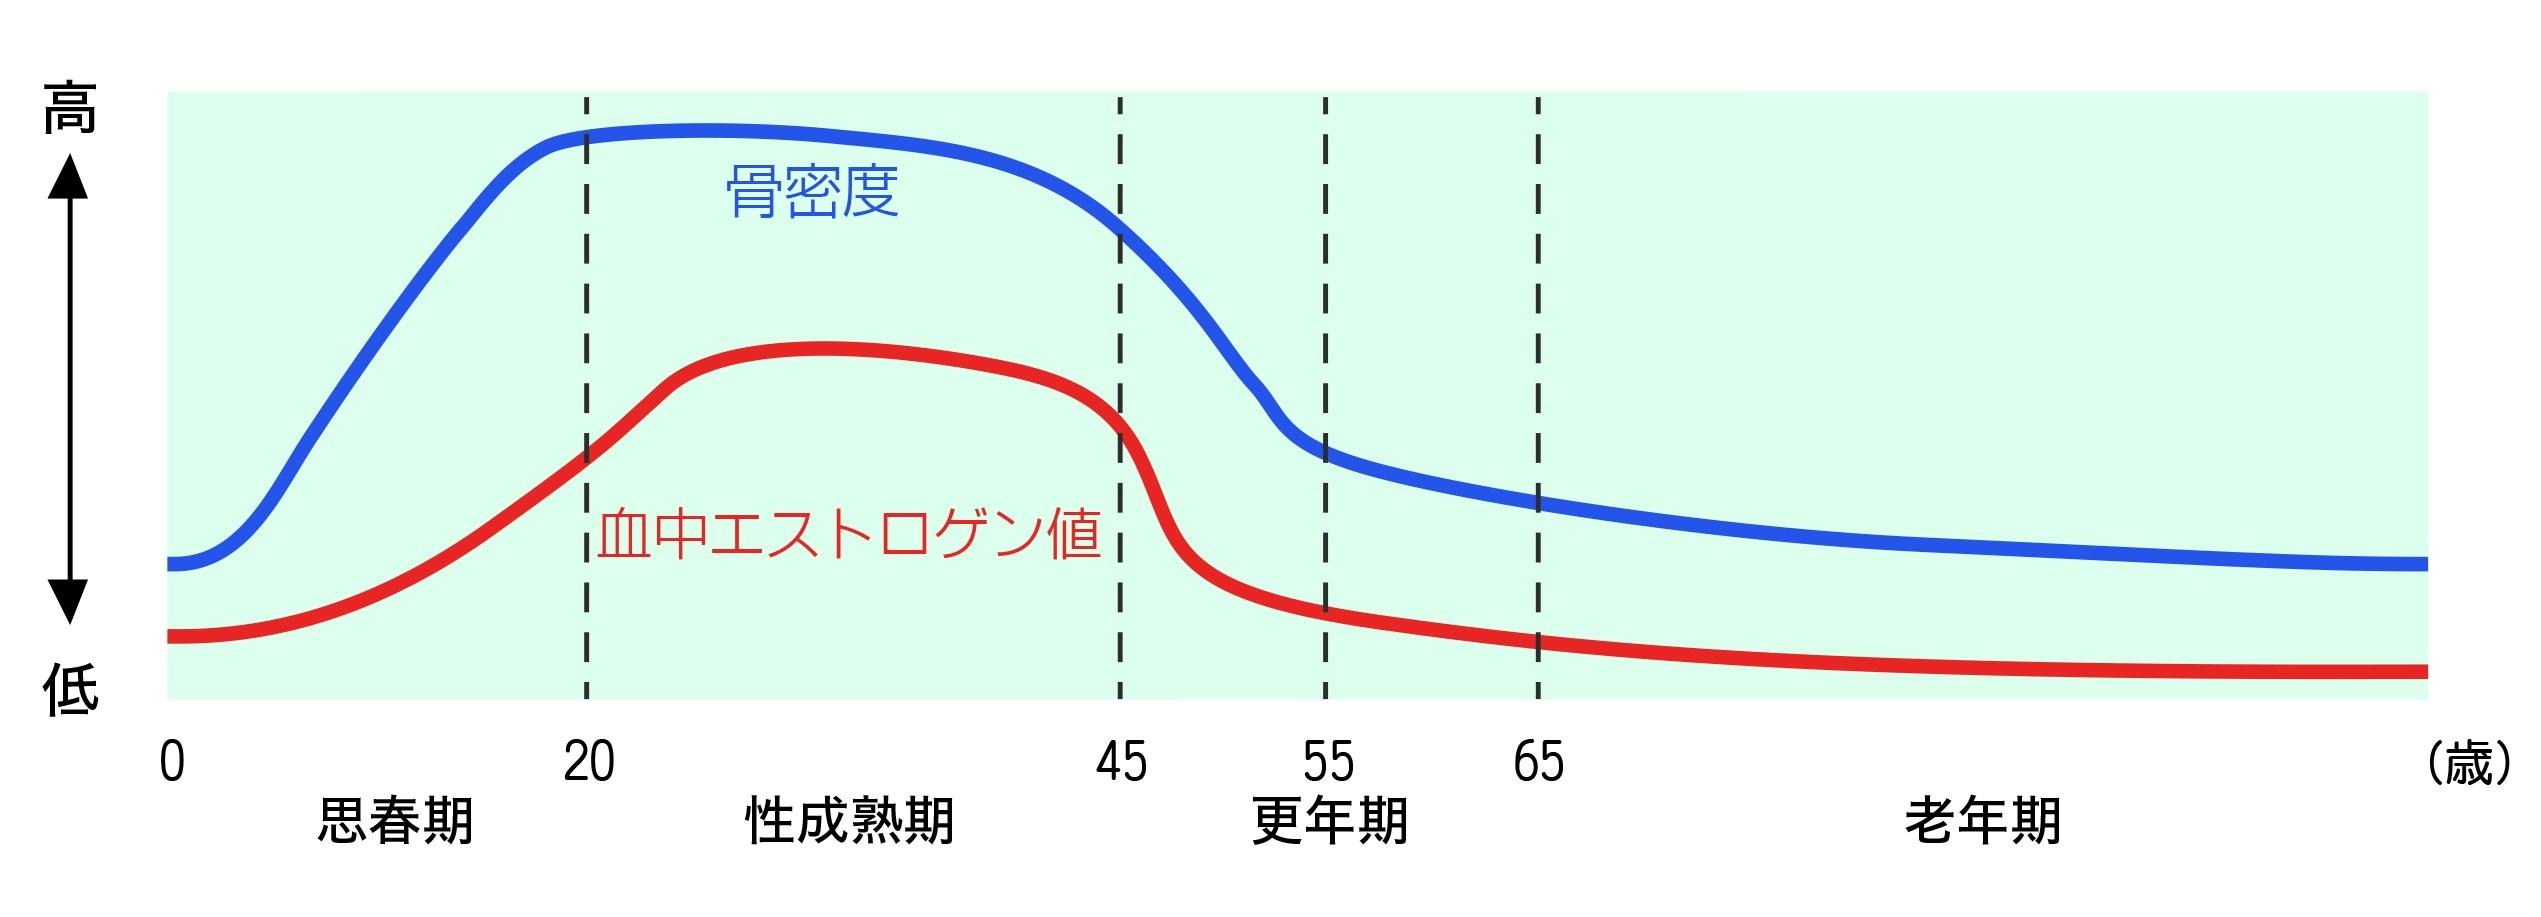 ISIGAKISENNSEI_graph.jpg